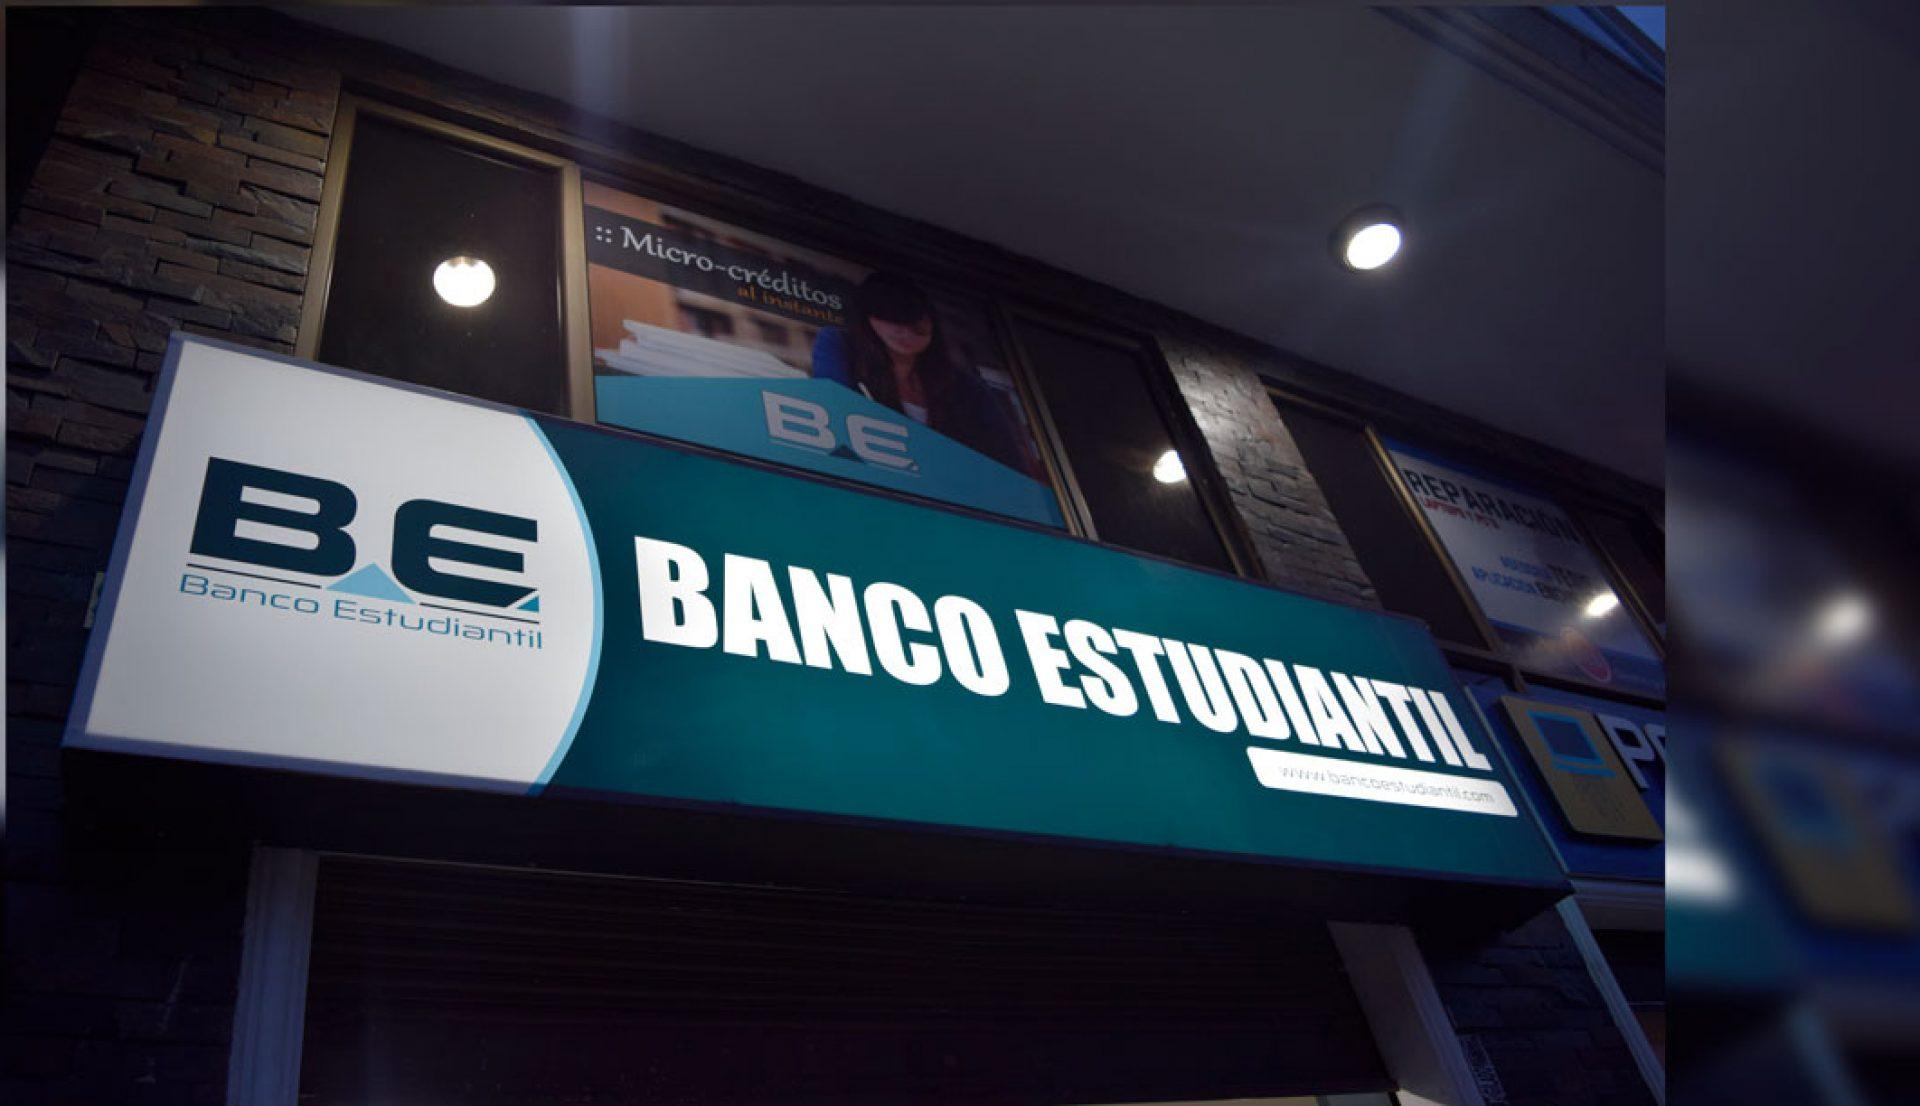 Banco Estudiantil